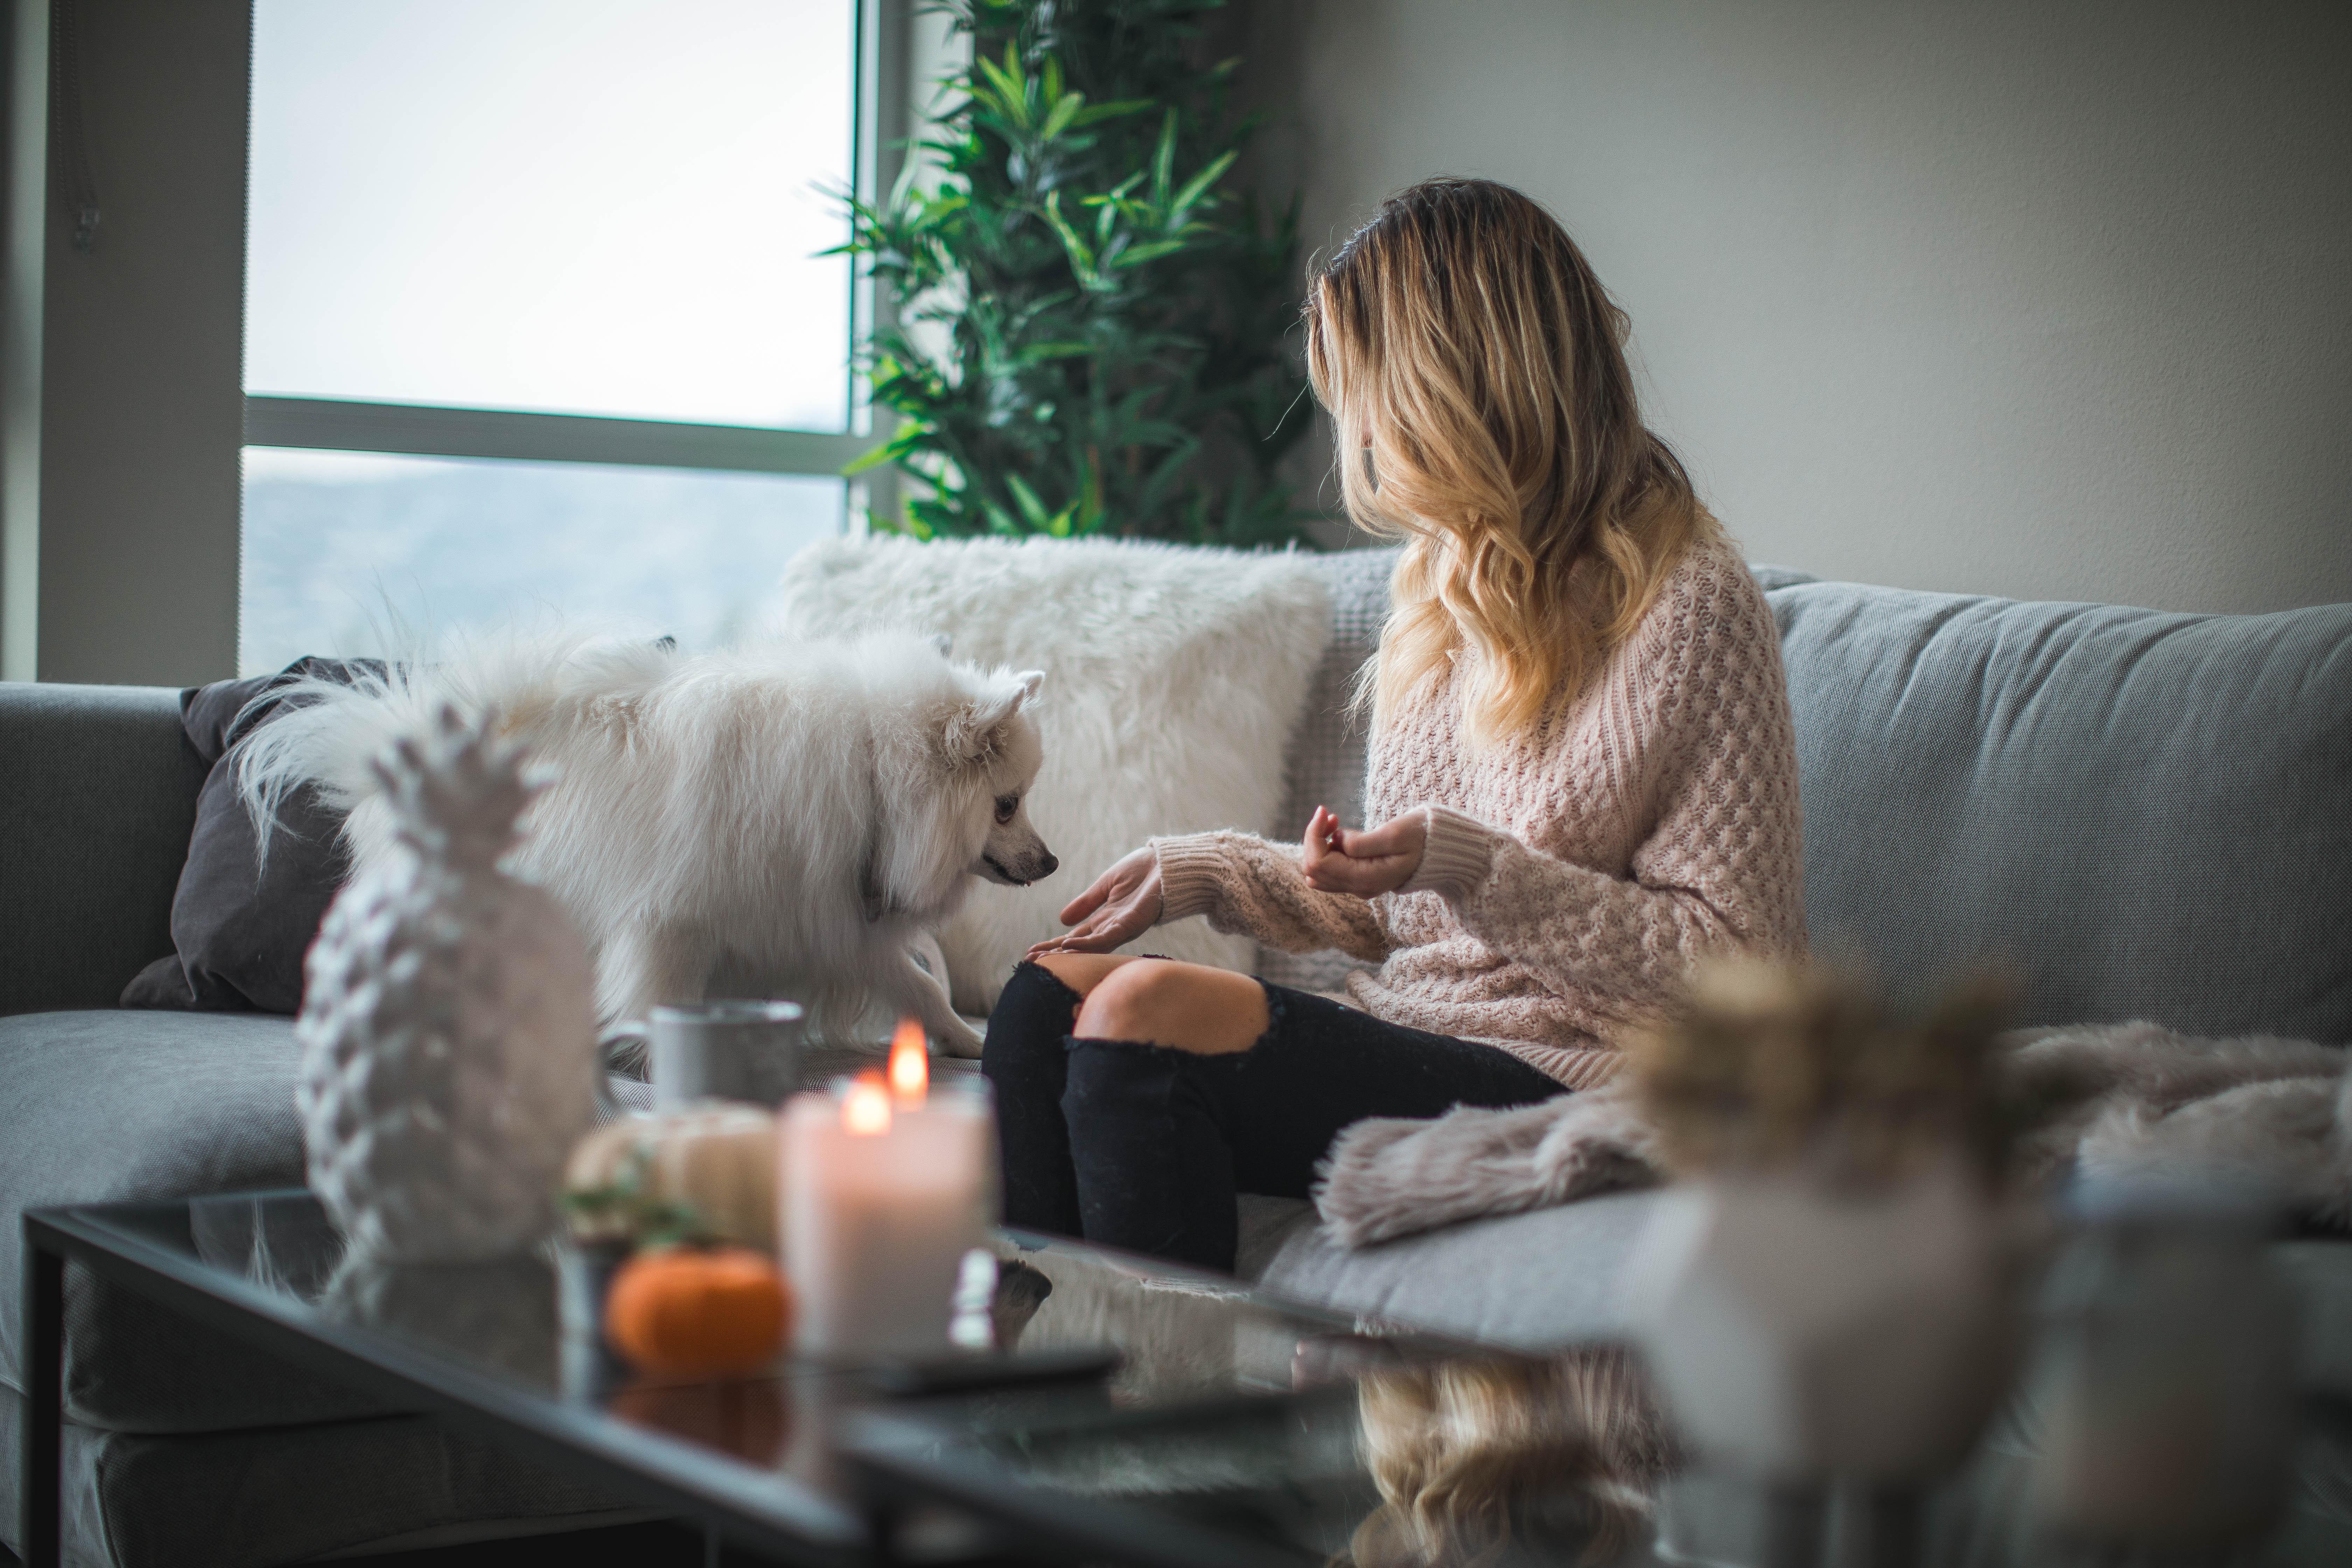 5 เทคนิคการแต่งบ้านลดความเครียด